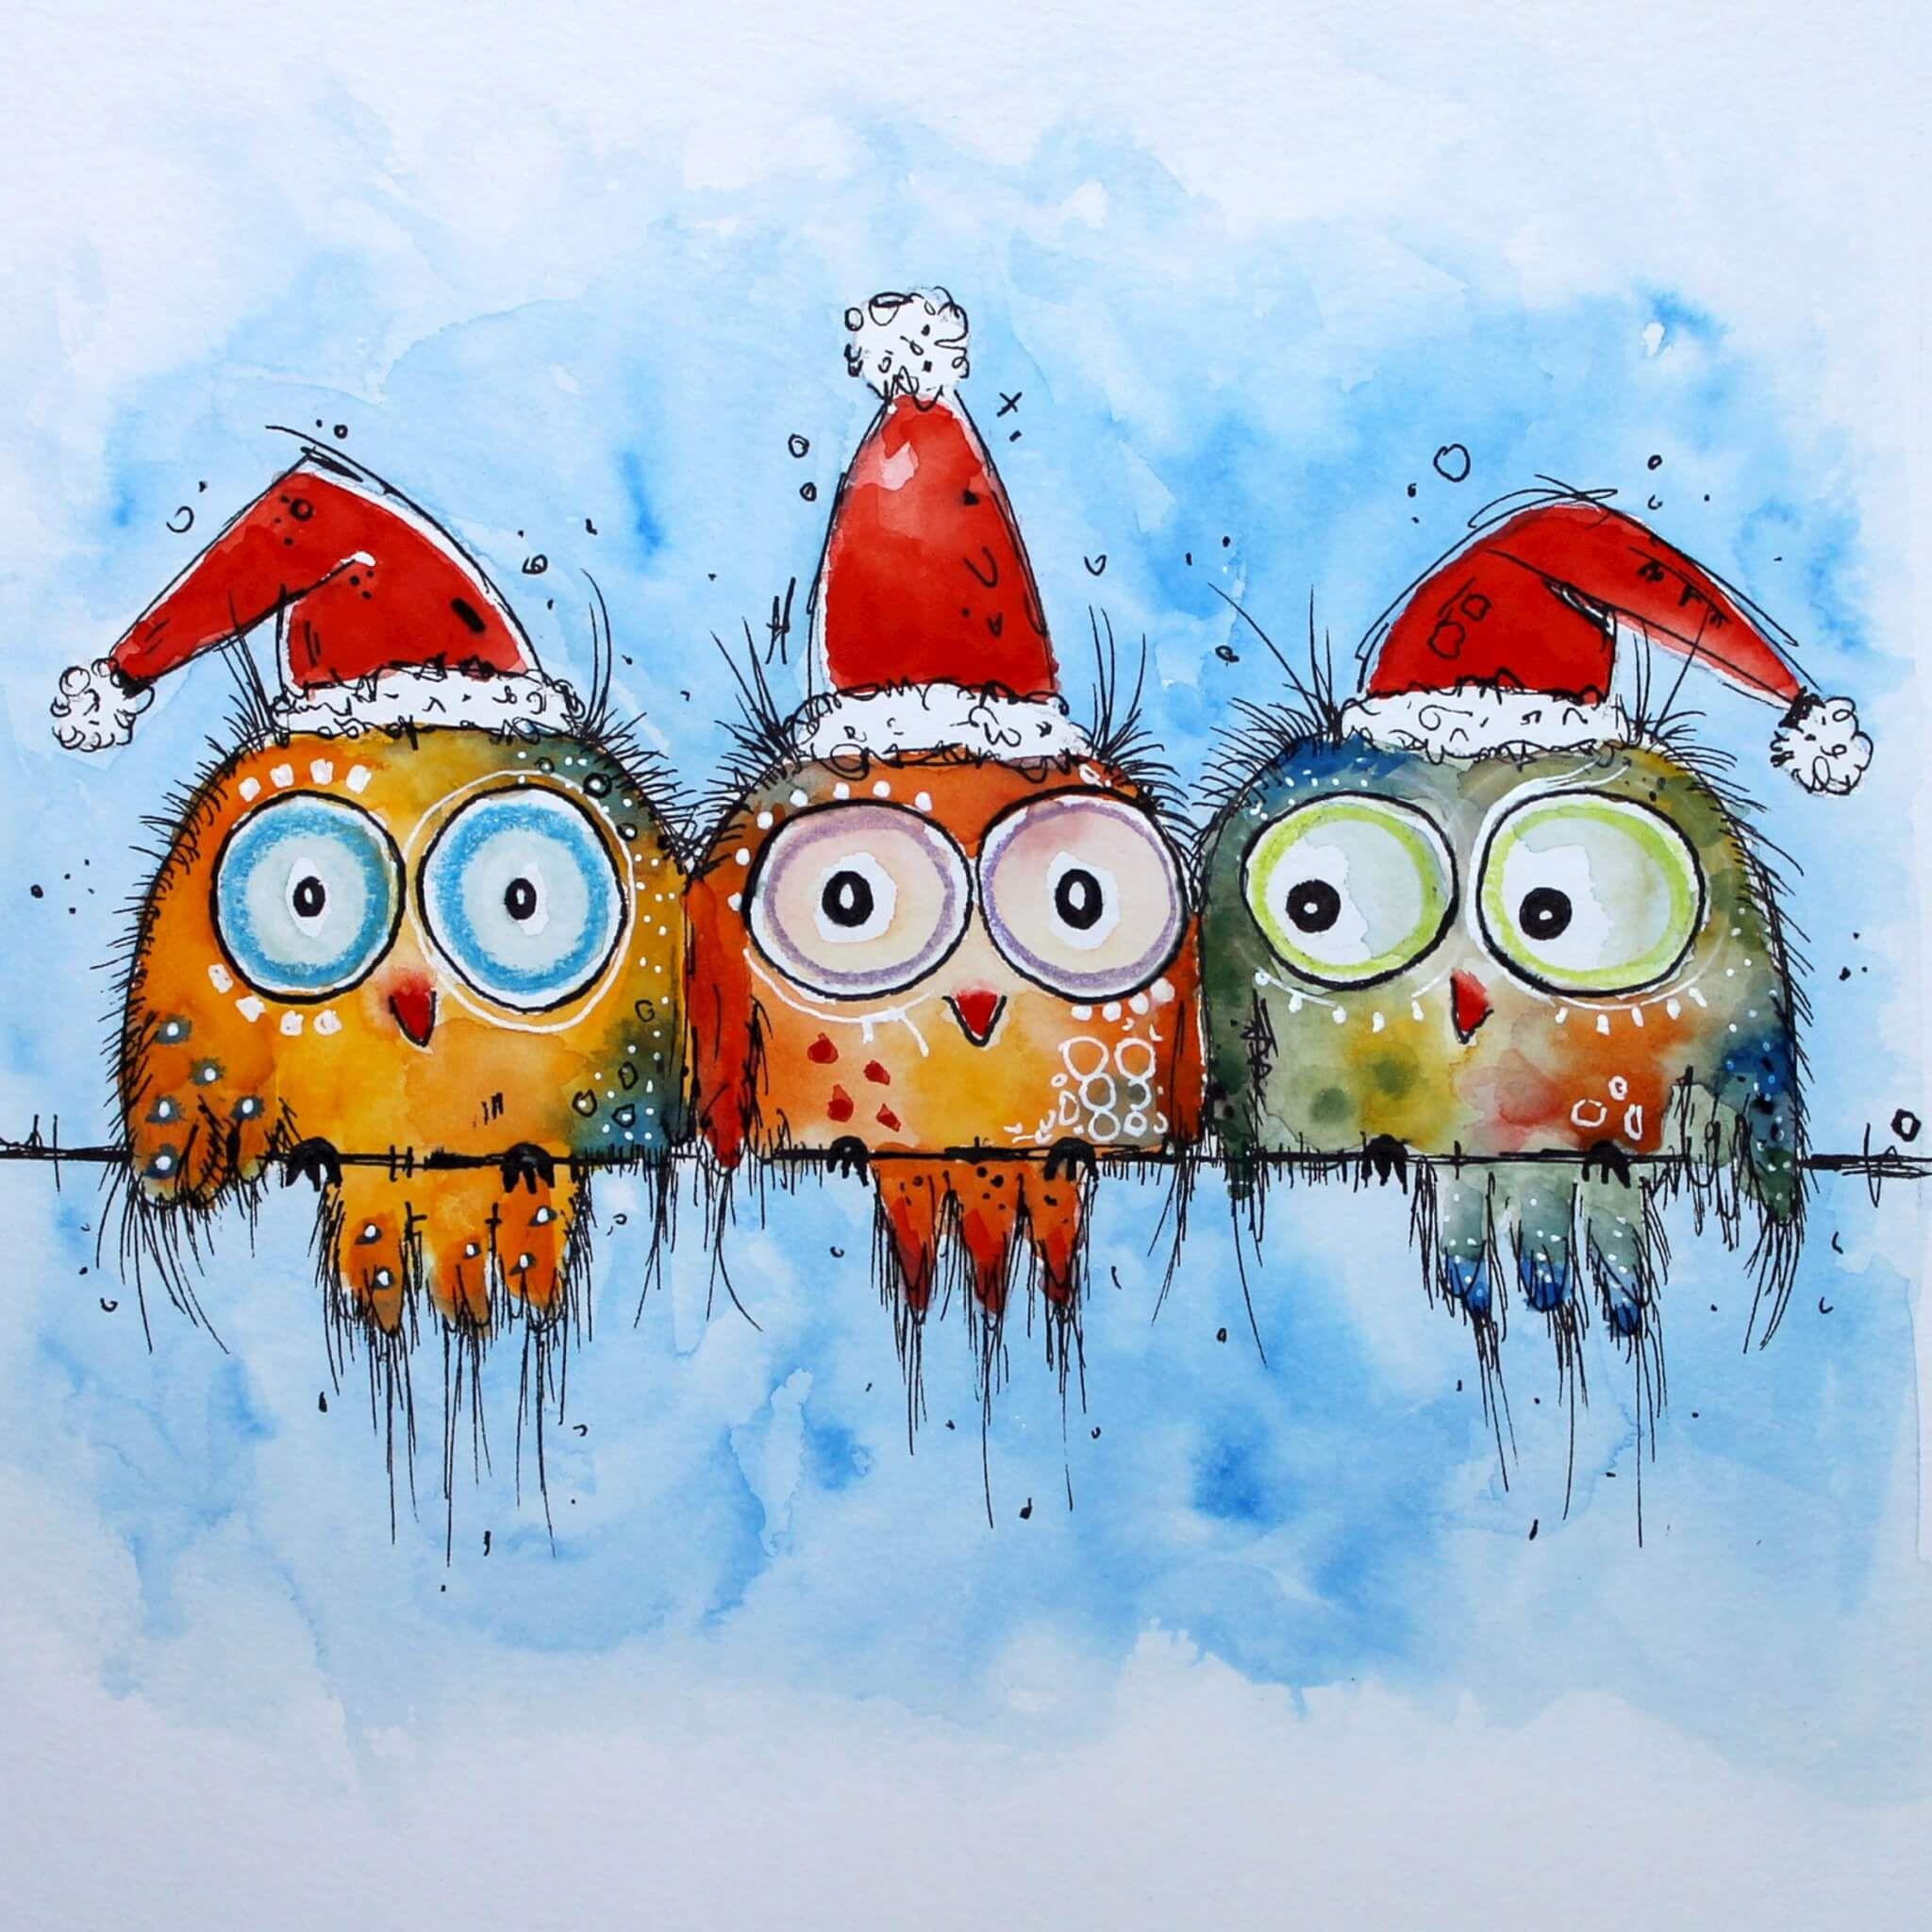 Weihnachtsmotive Weihnachten Zeichnen Aquarell Weihnachten